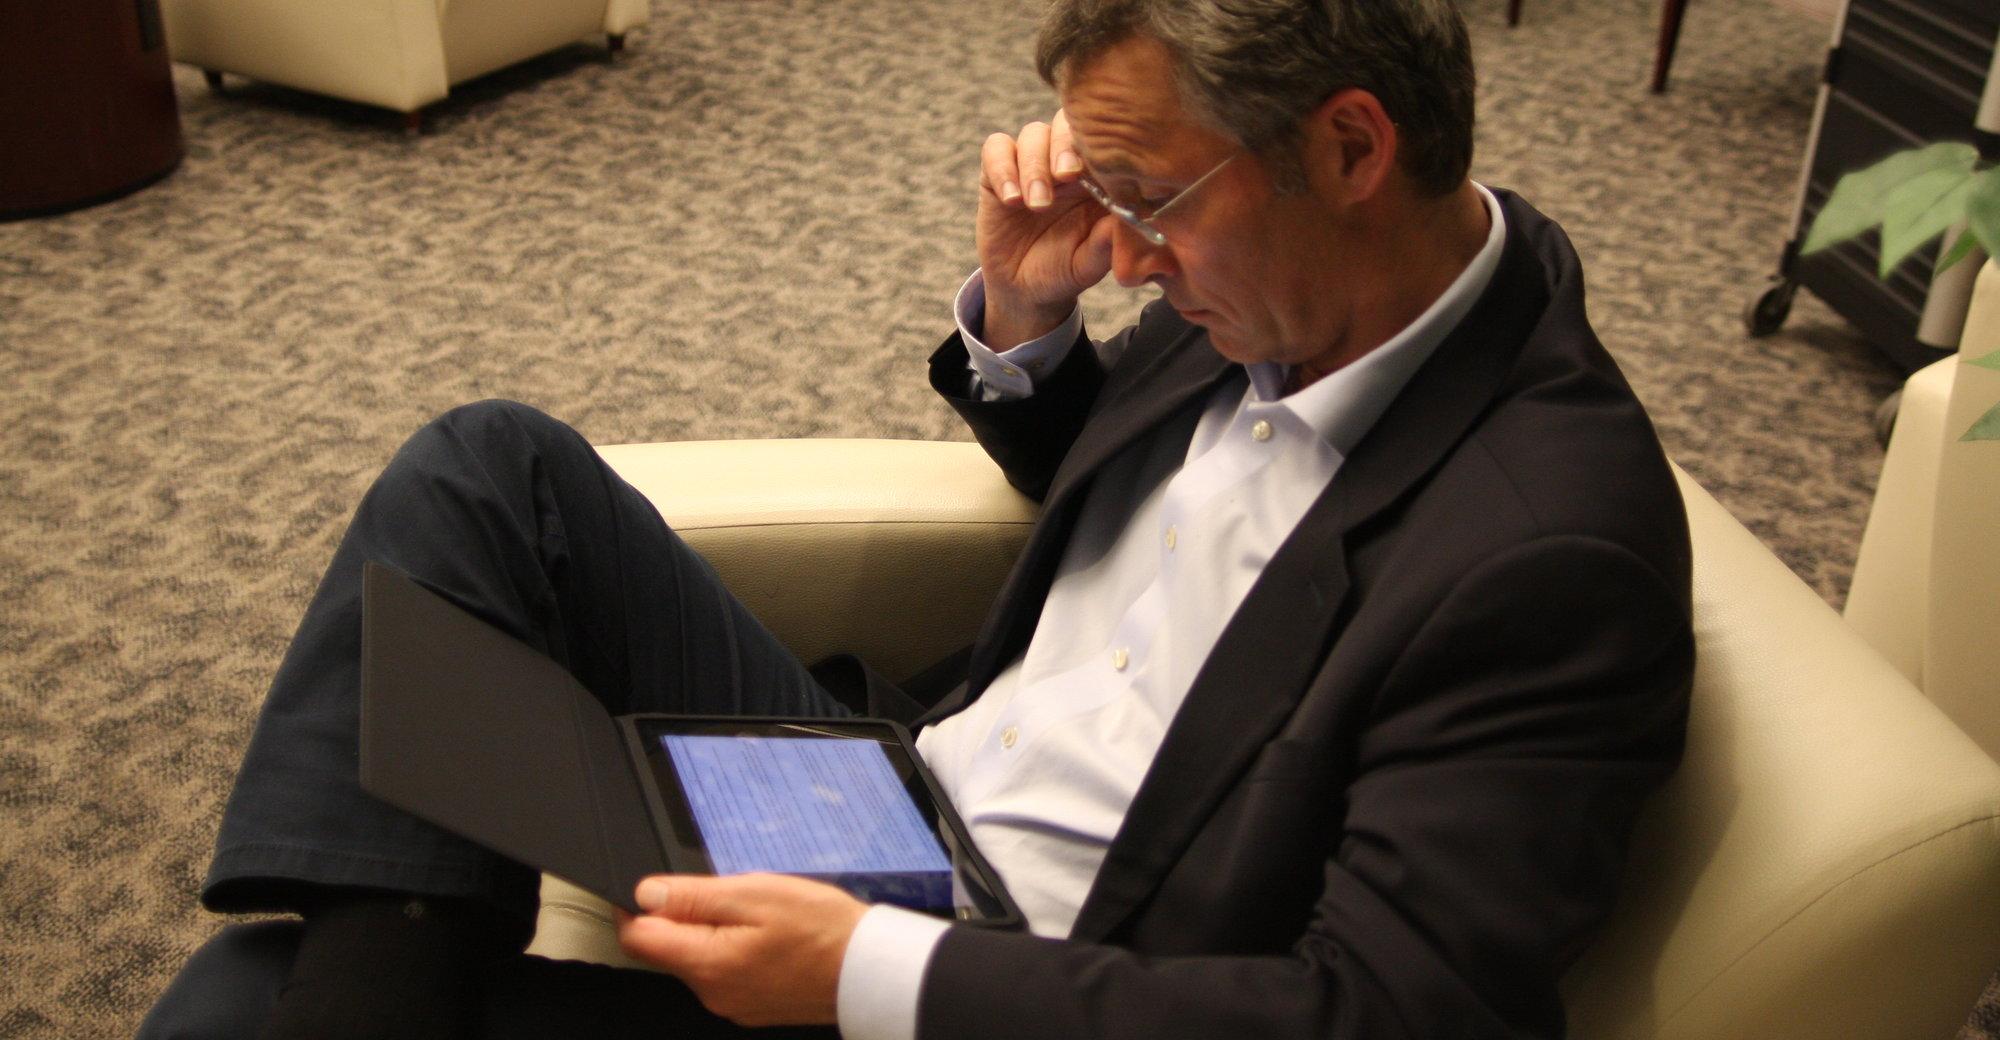 Kan iPad hjelpe deg å gjøre en bedre jobb? Her statsminister Jens Stoltenberg under en pause på flyplassen i New York i april i år.